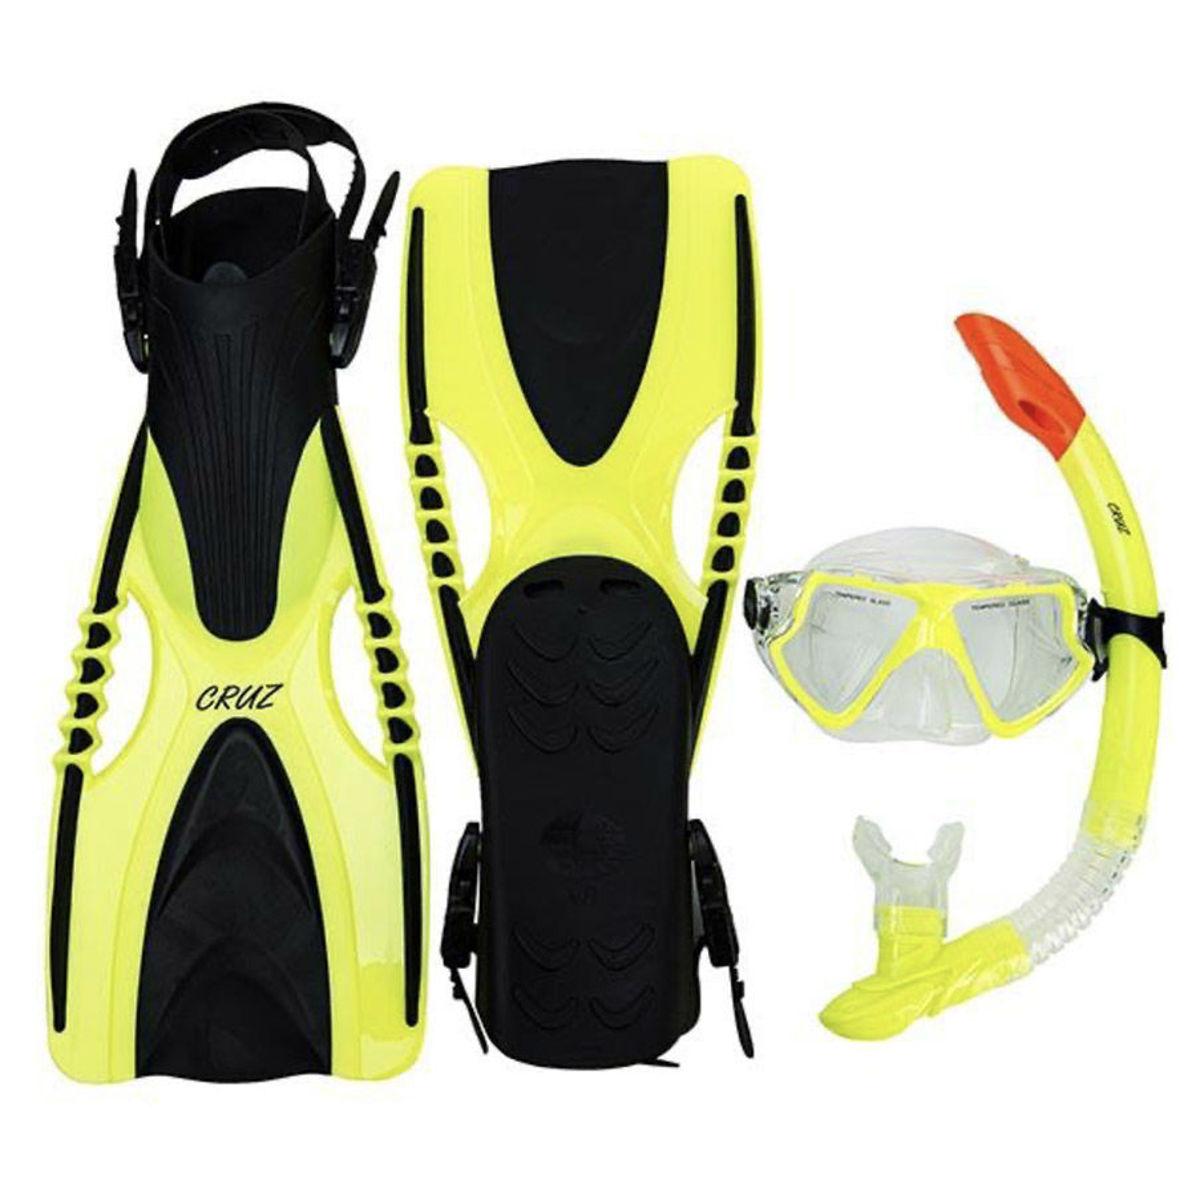 Bilde av Hani Faru Sr. Diving set CR1124 1001 Black